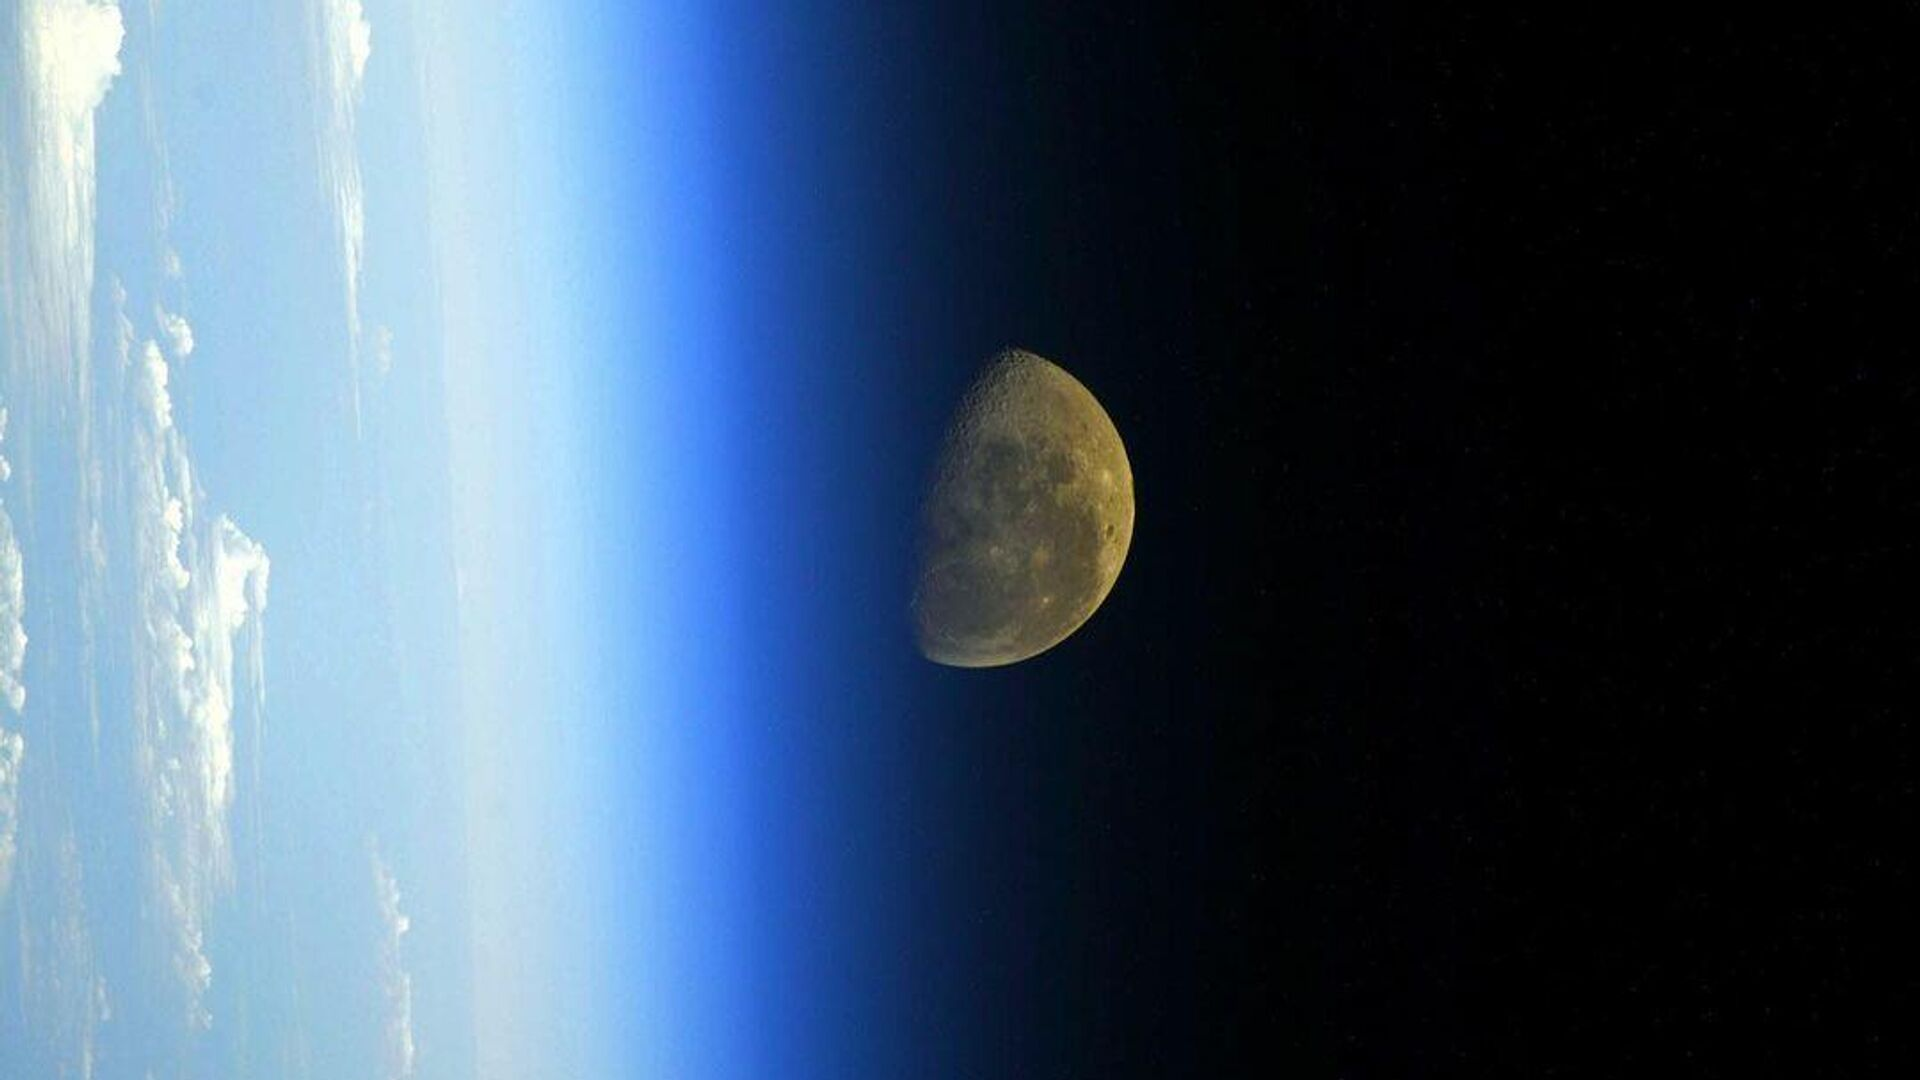 Найдено внезапное объяснение происхождения Луны